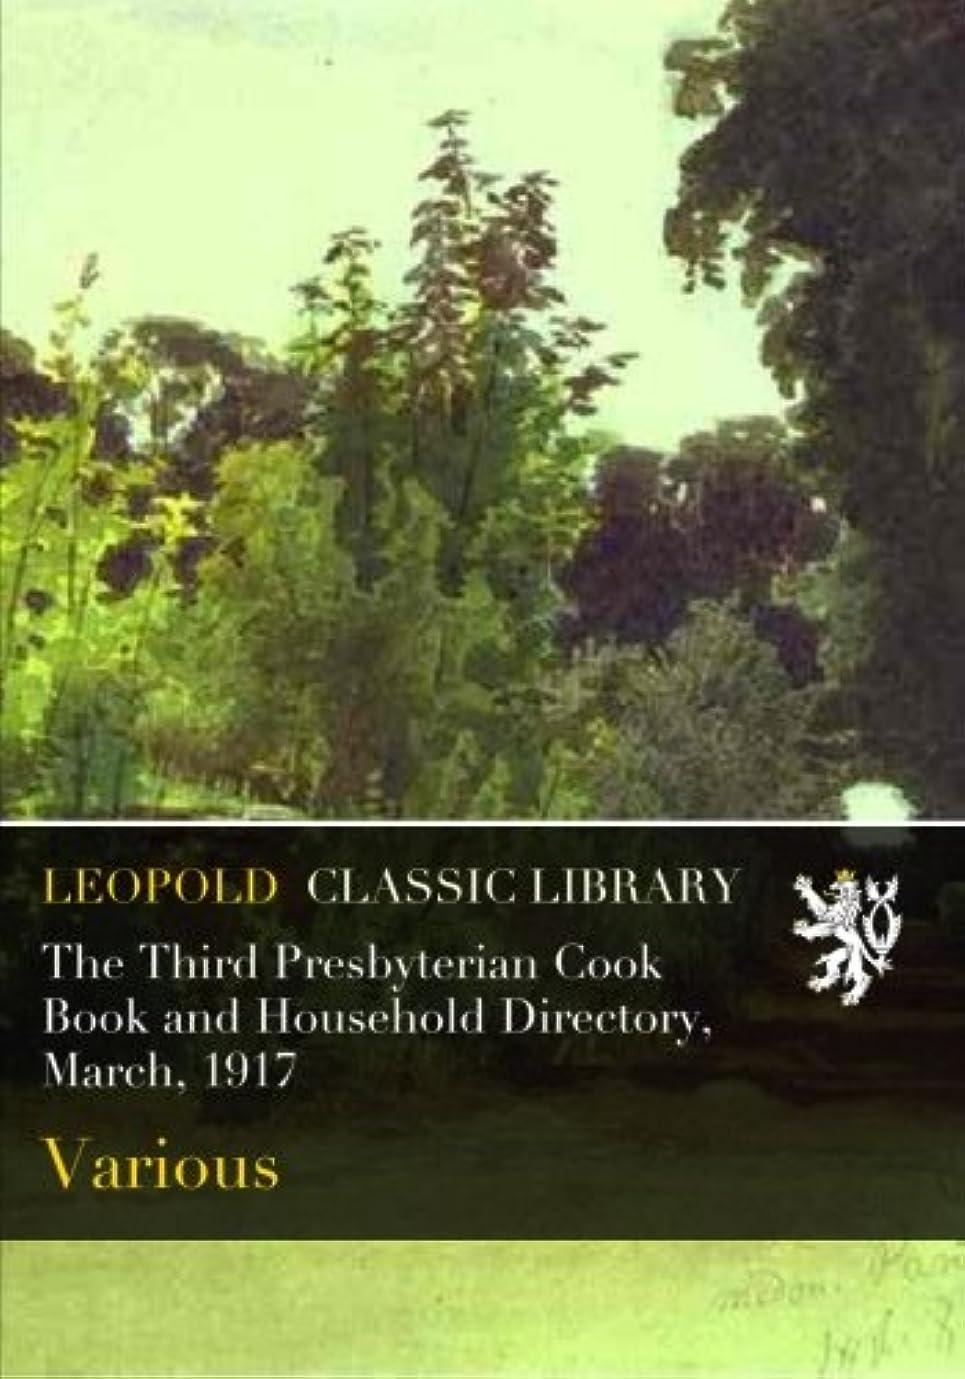 酸化物パス日没The Third Presbyterian Cook Book and Household Directory, March, 1917